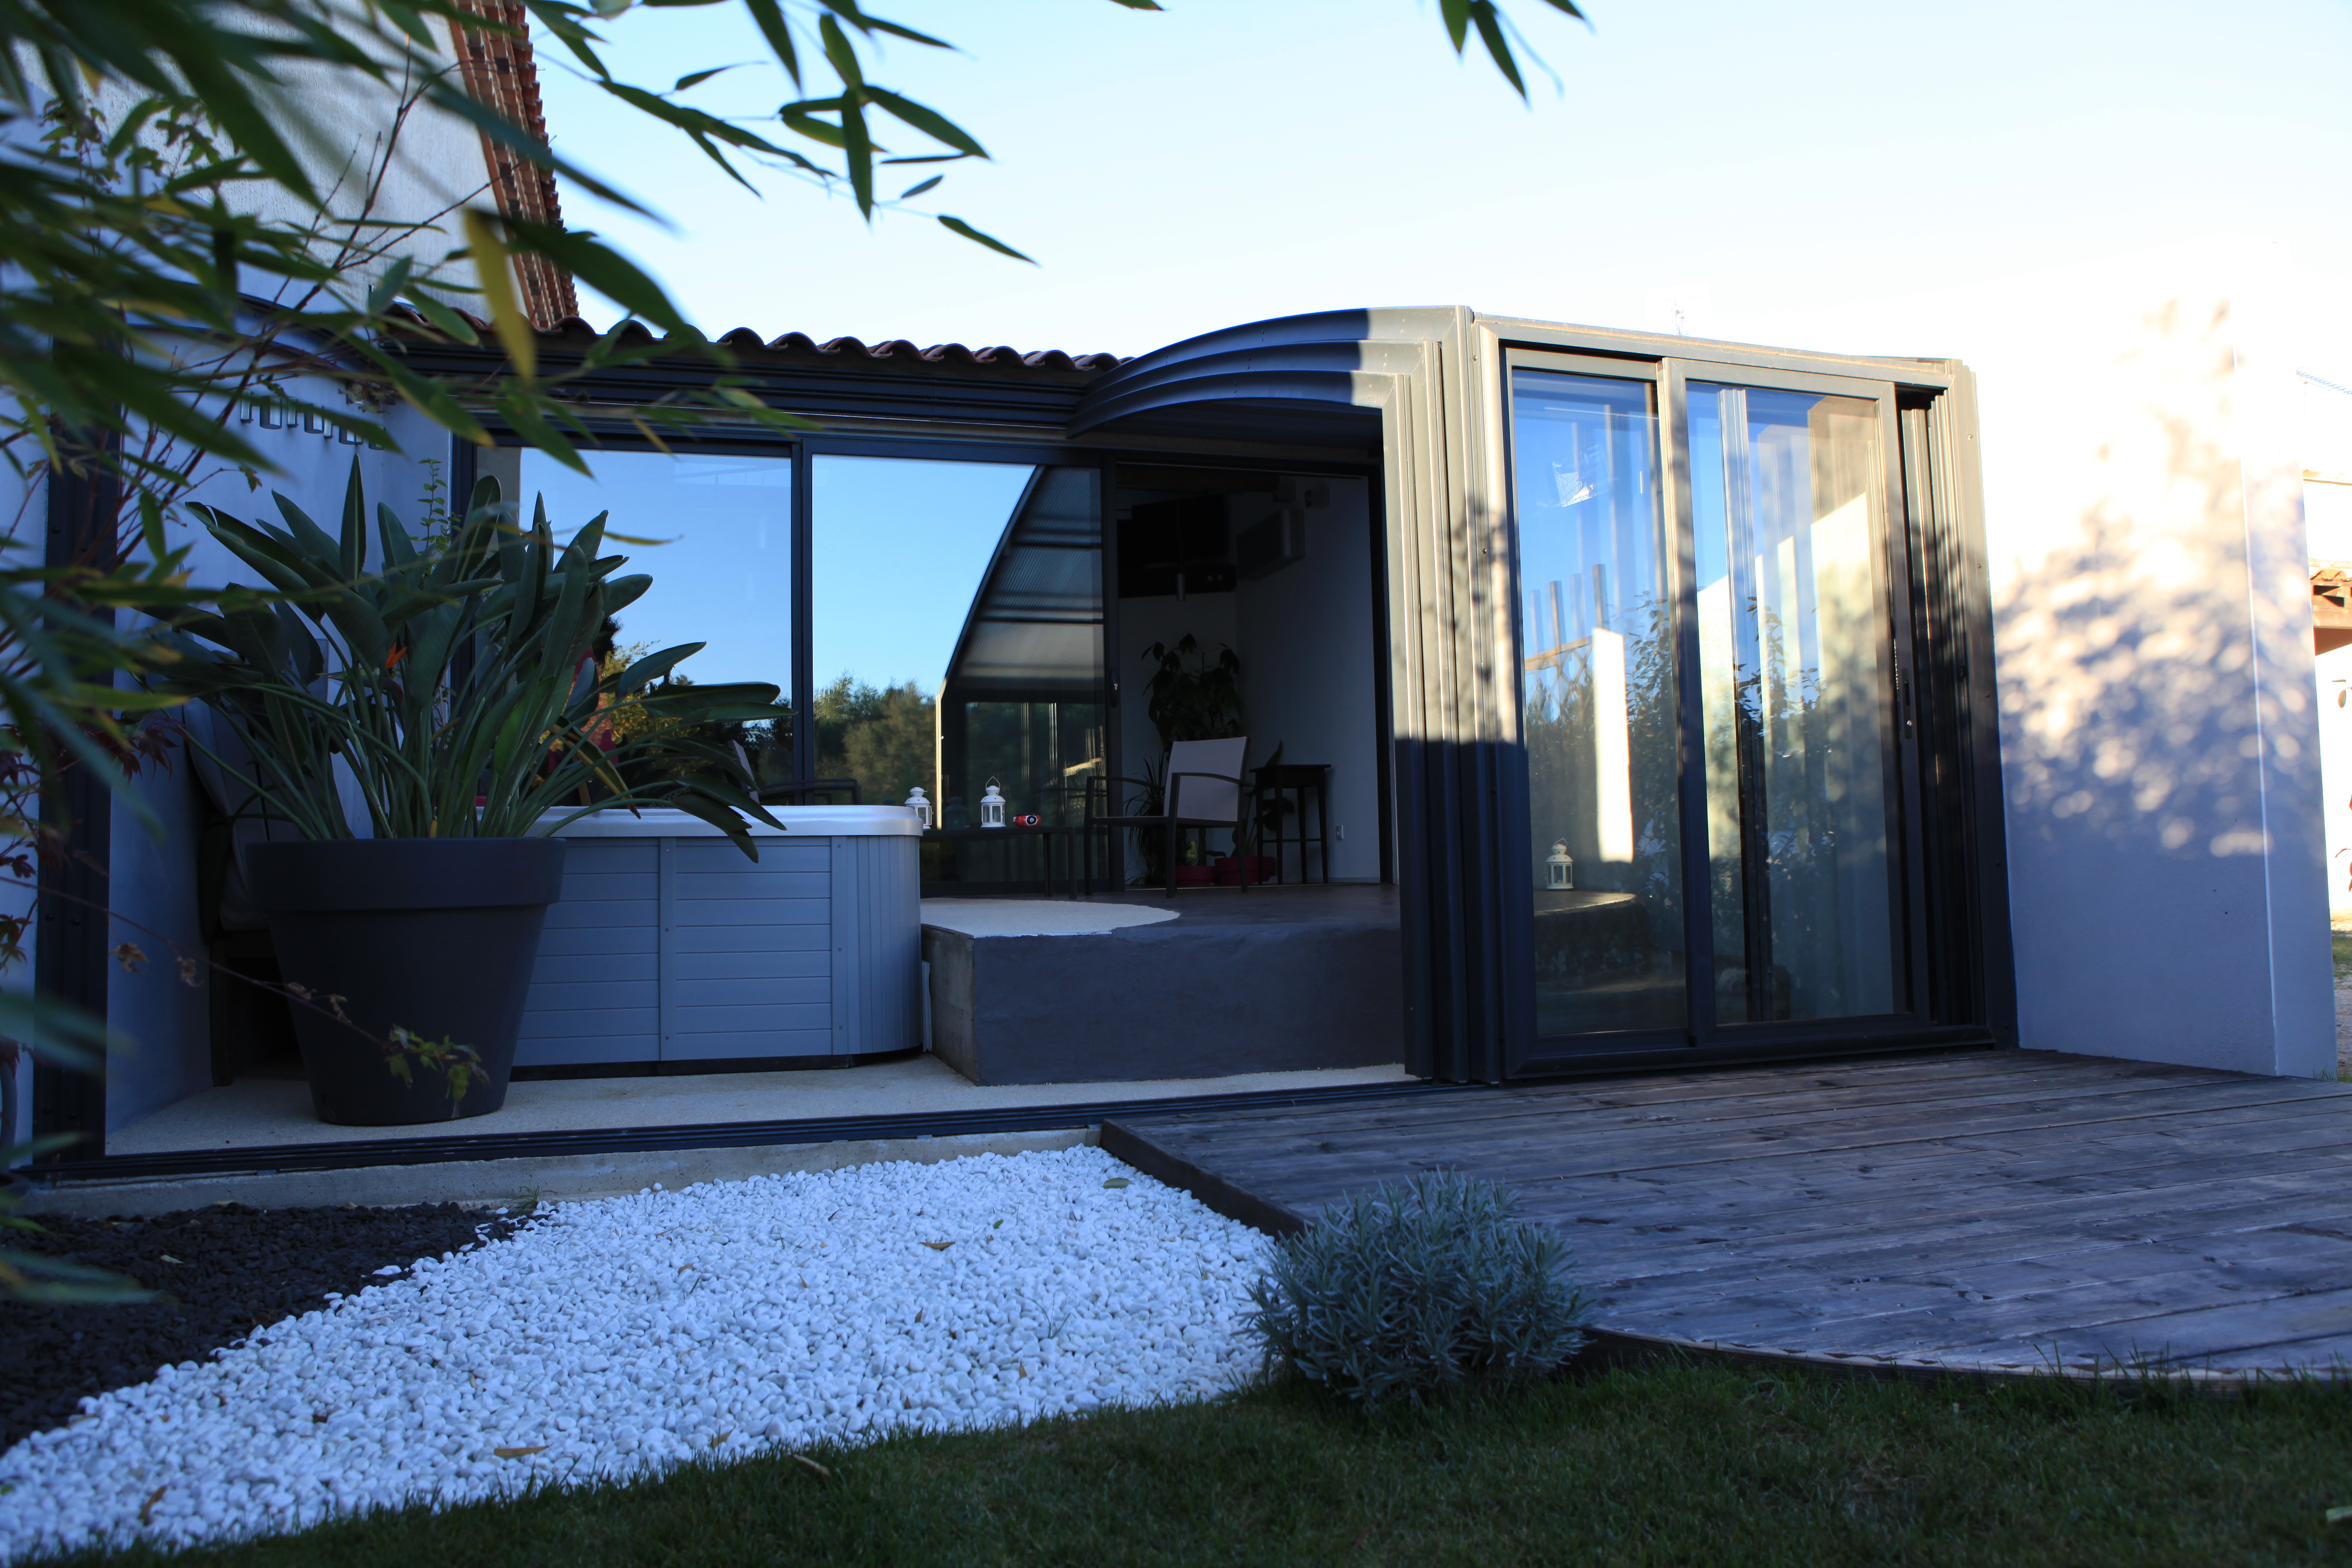 Abri Terrasse Fixe Et Coulissant   Fabricant Azenco encequiconcerne Abri De Terrasse Ferme